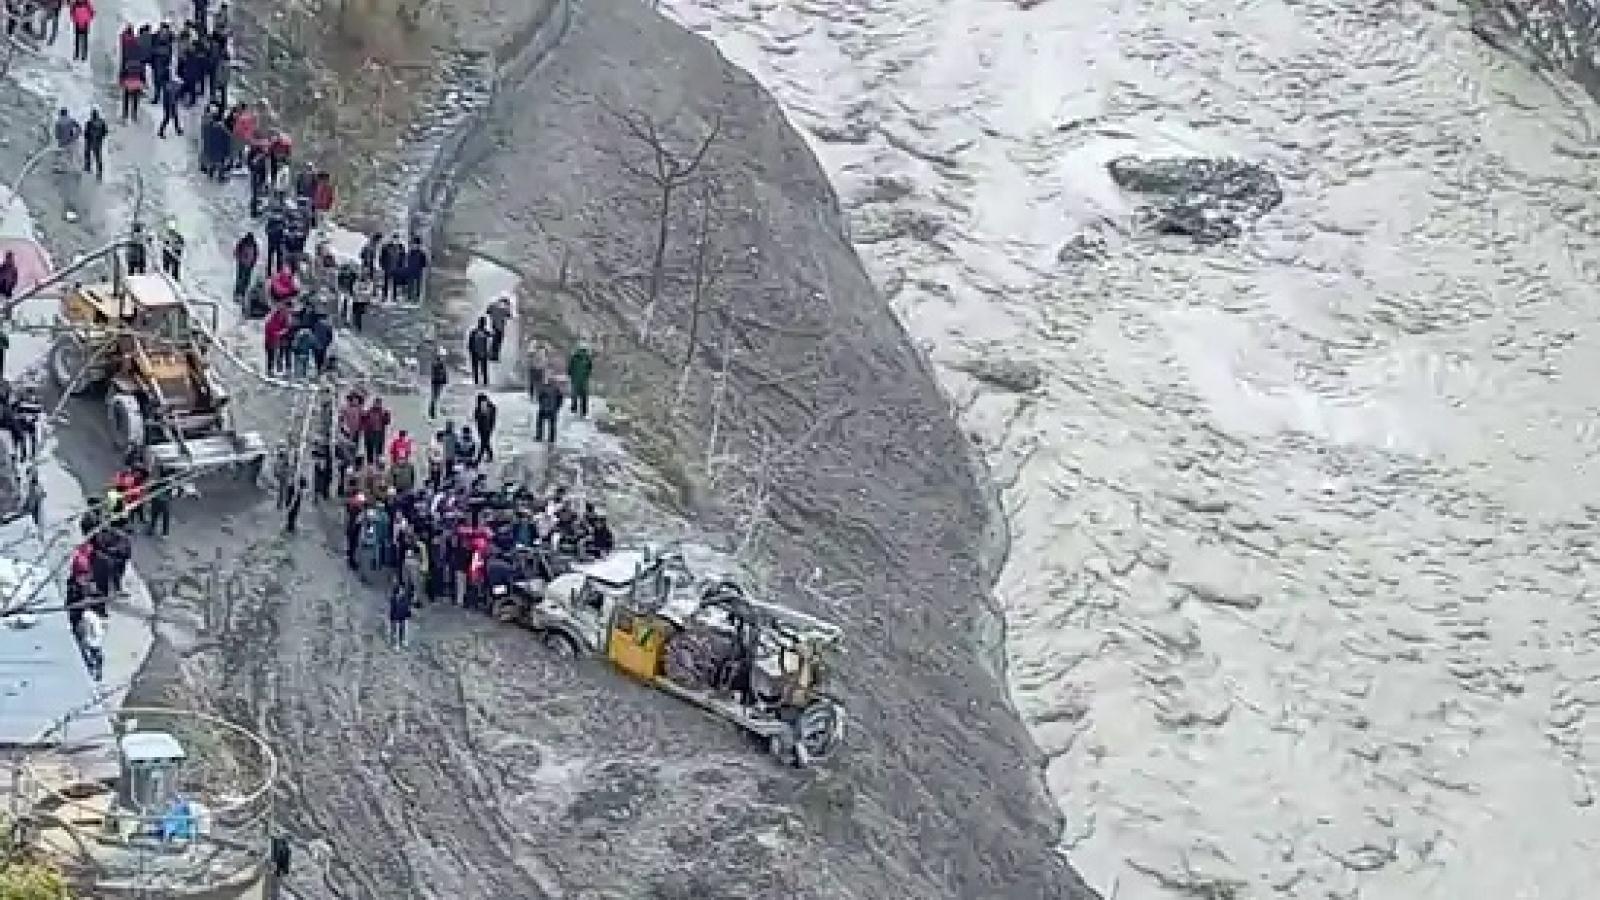 Thảm họa lũ quét do đứt gãy sông băng ở Ấn Độ: Nhân tai hay thiên tai?